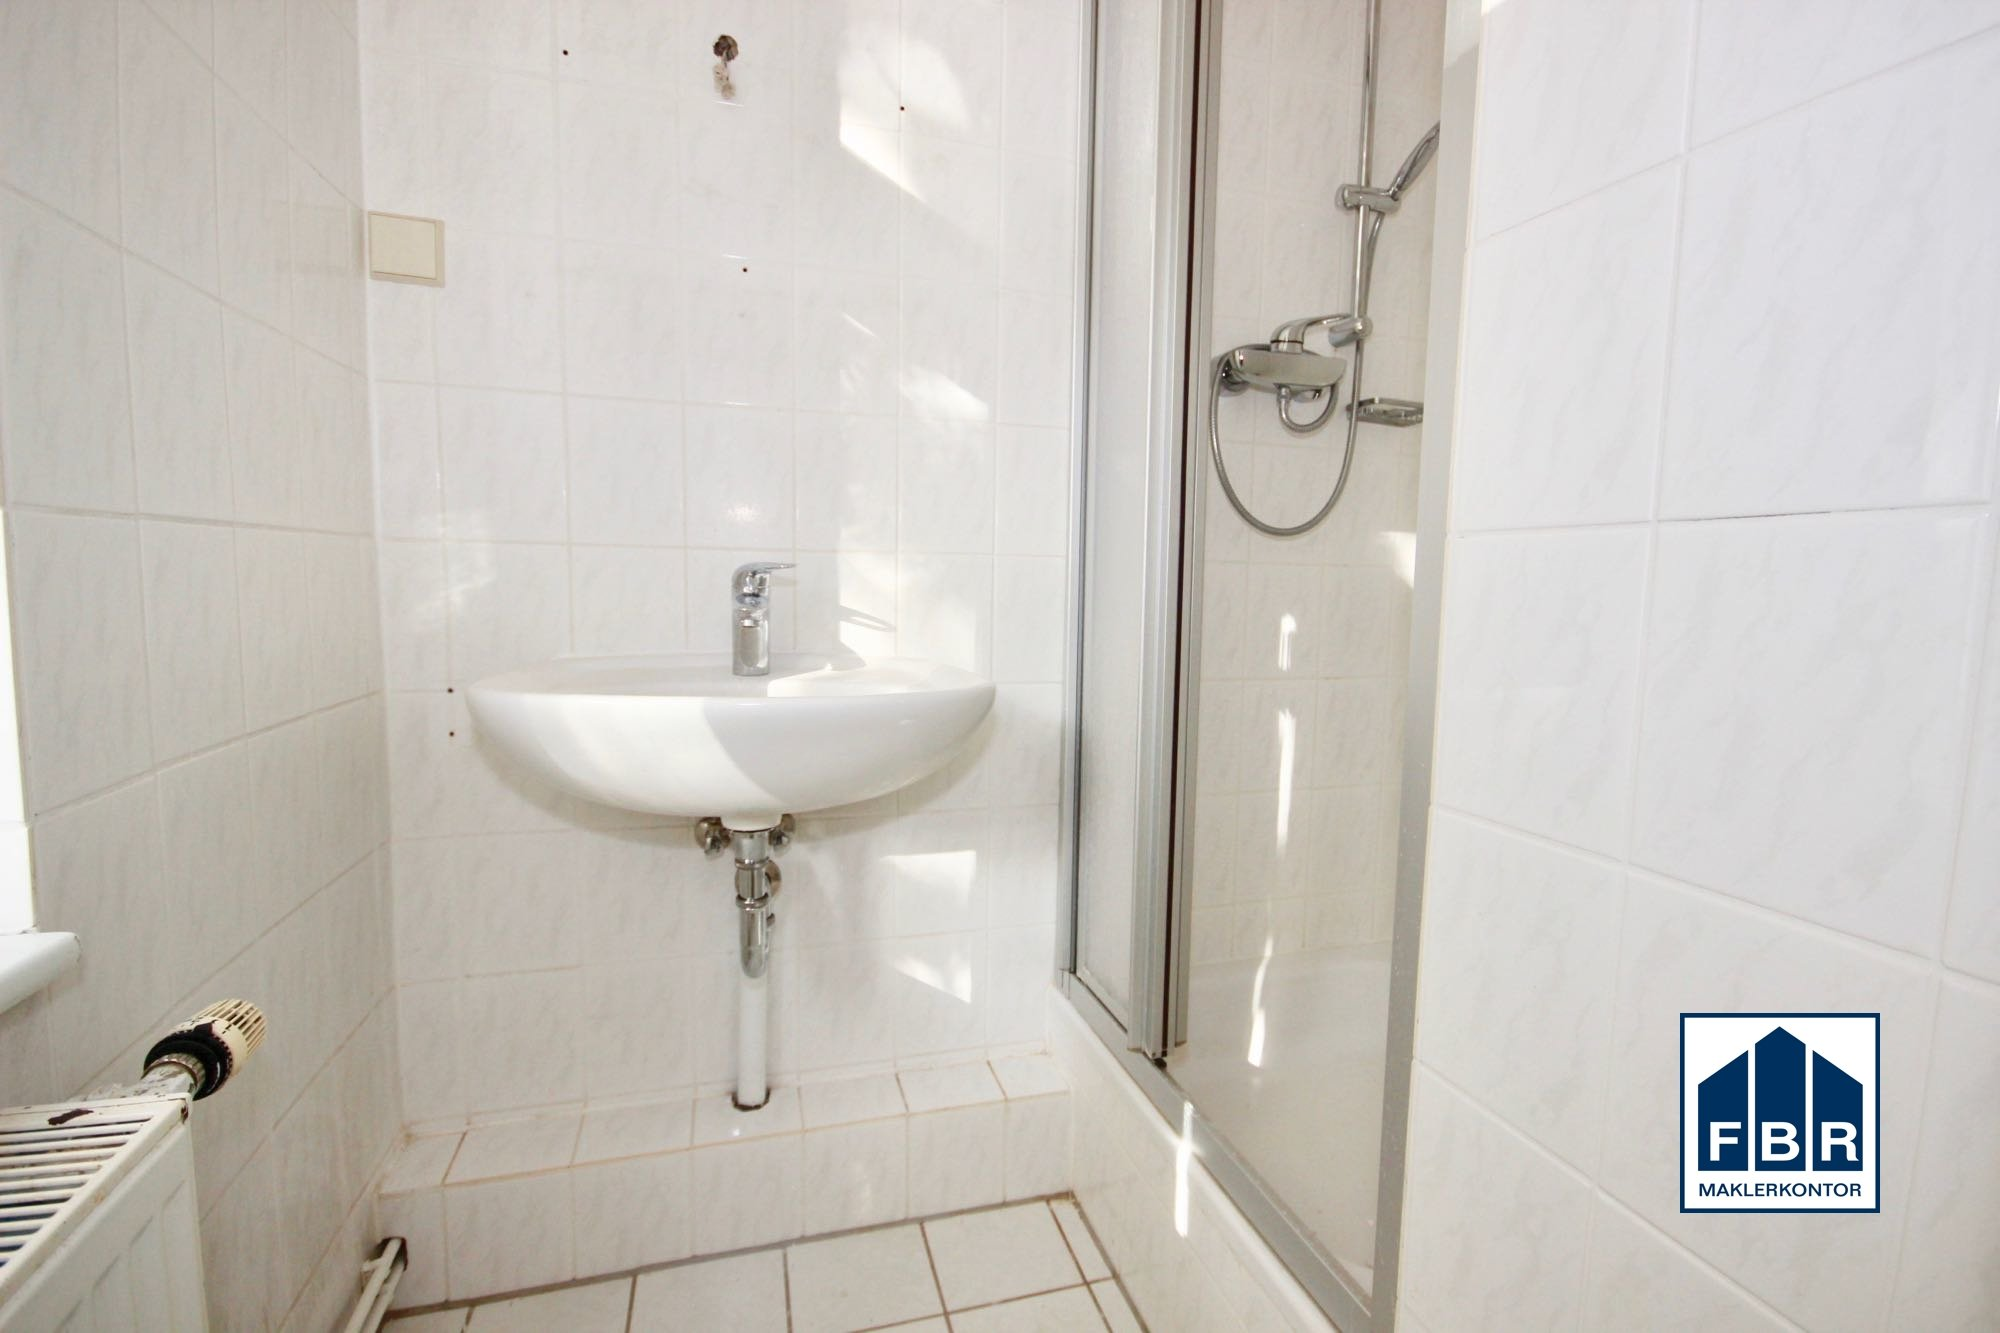 Duschbad ohne WC